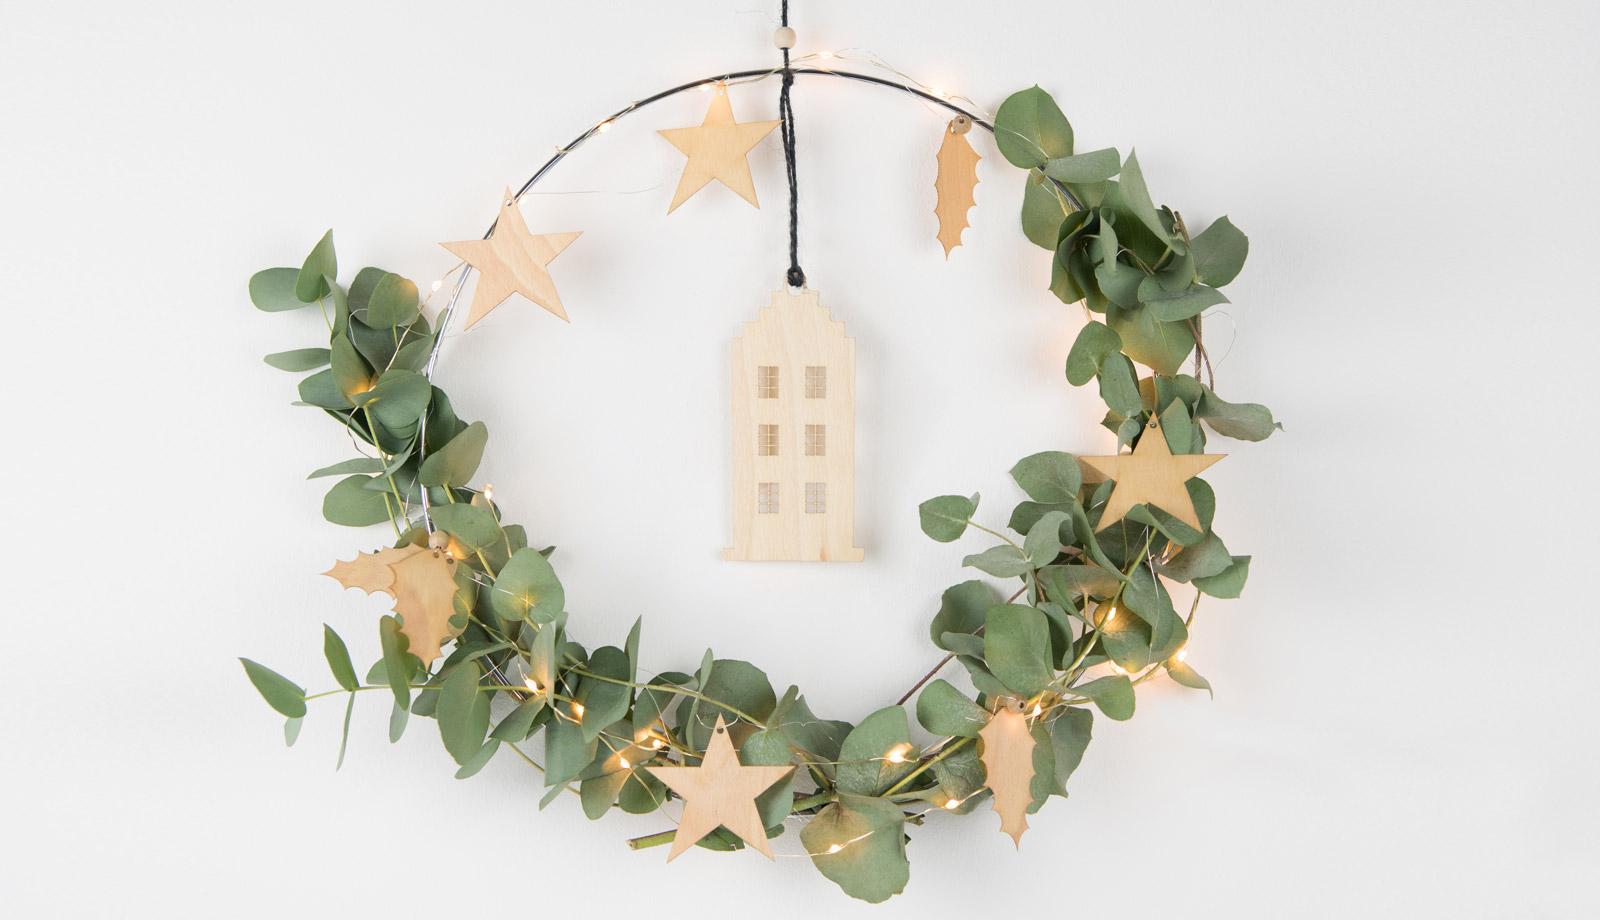 Kranz Weihnachen zum Aufhängen mit Eukalyptus